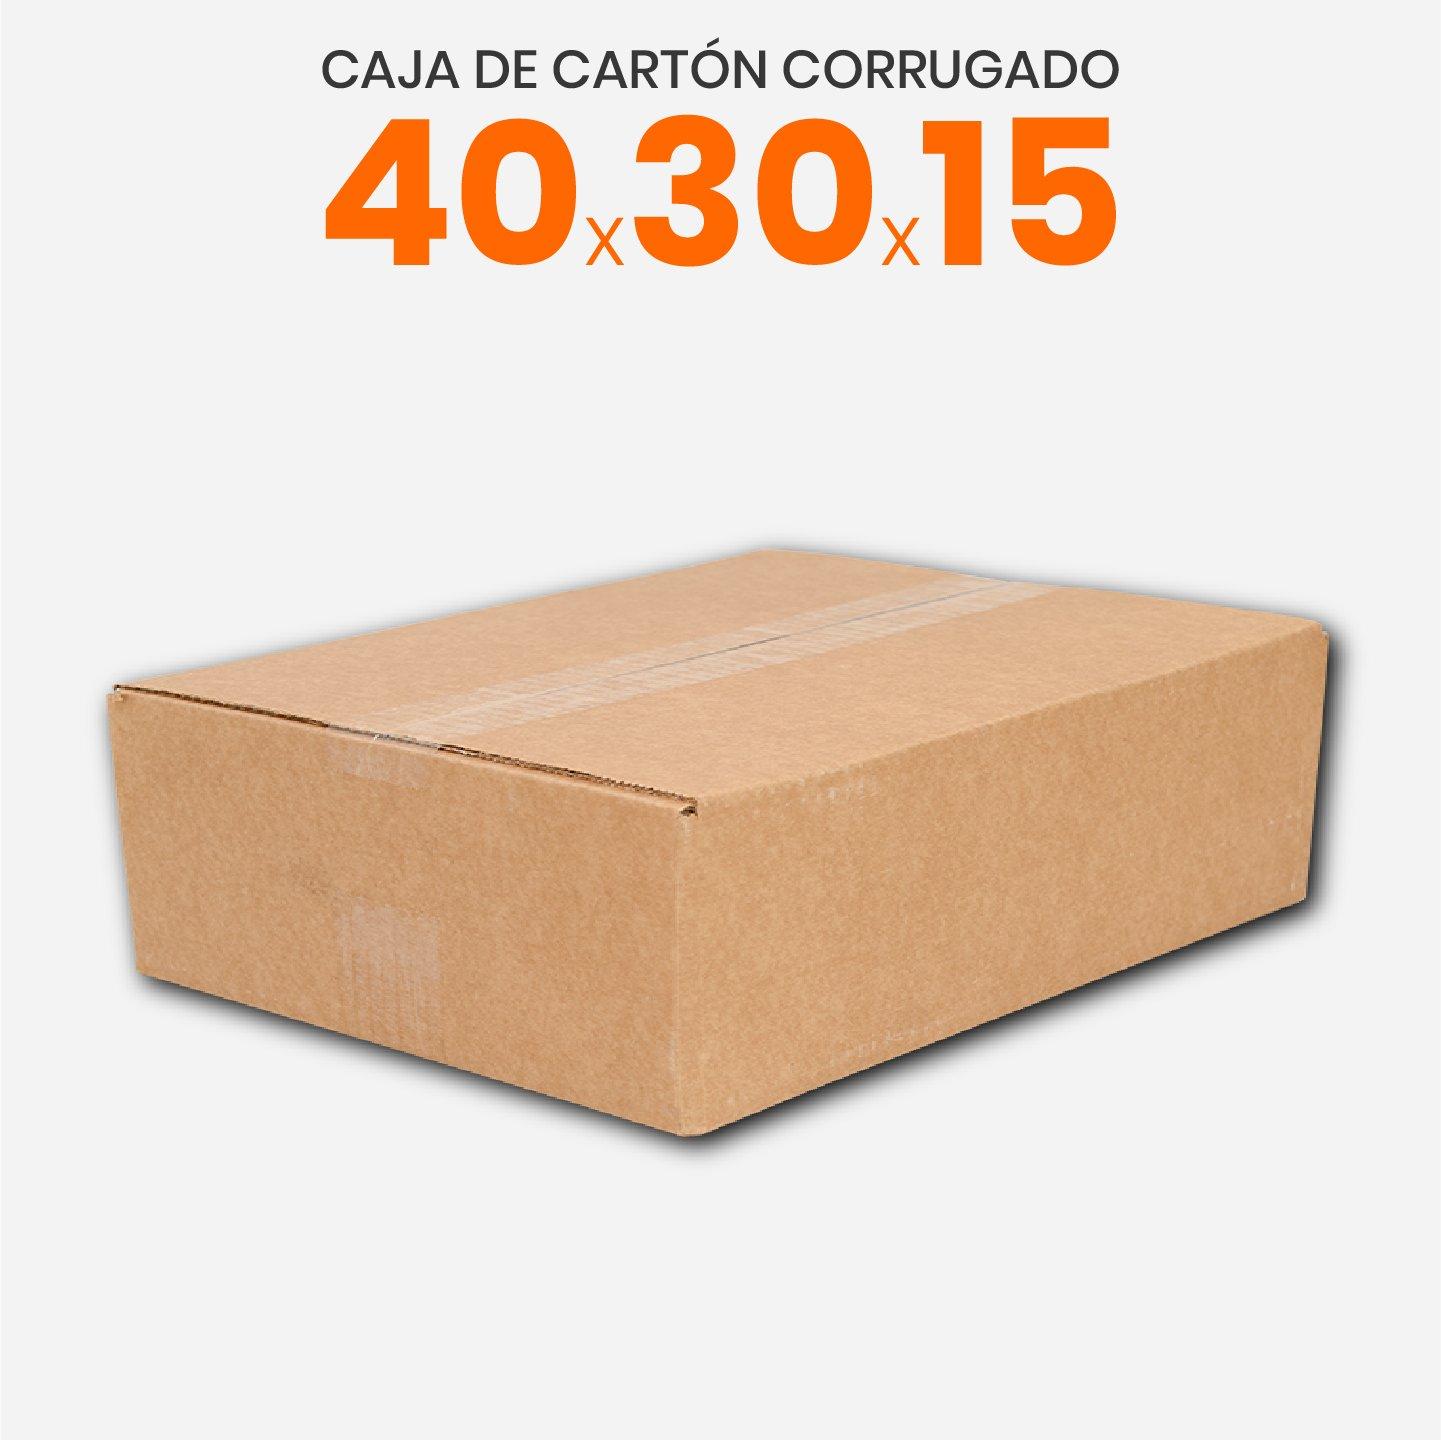 Caja De Cartón Corrugado 40x30x15